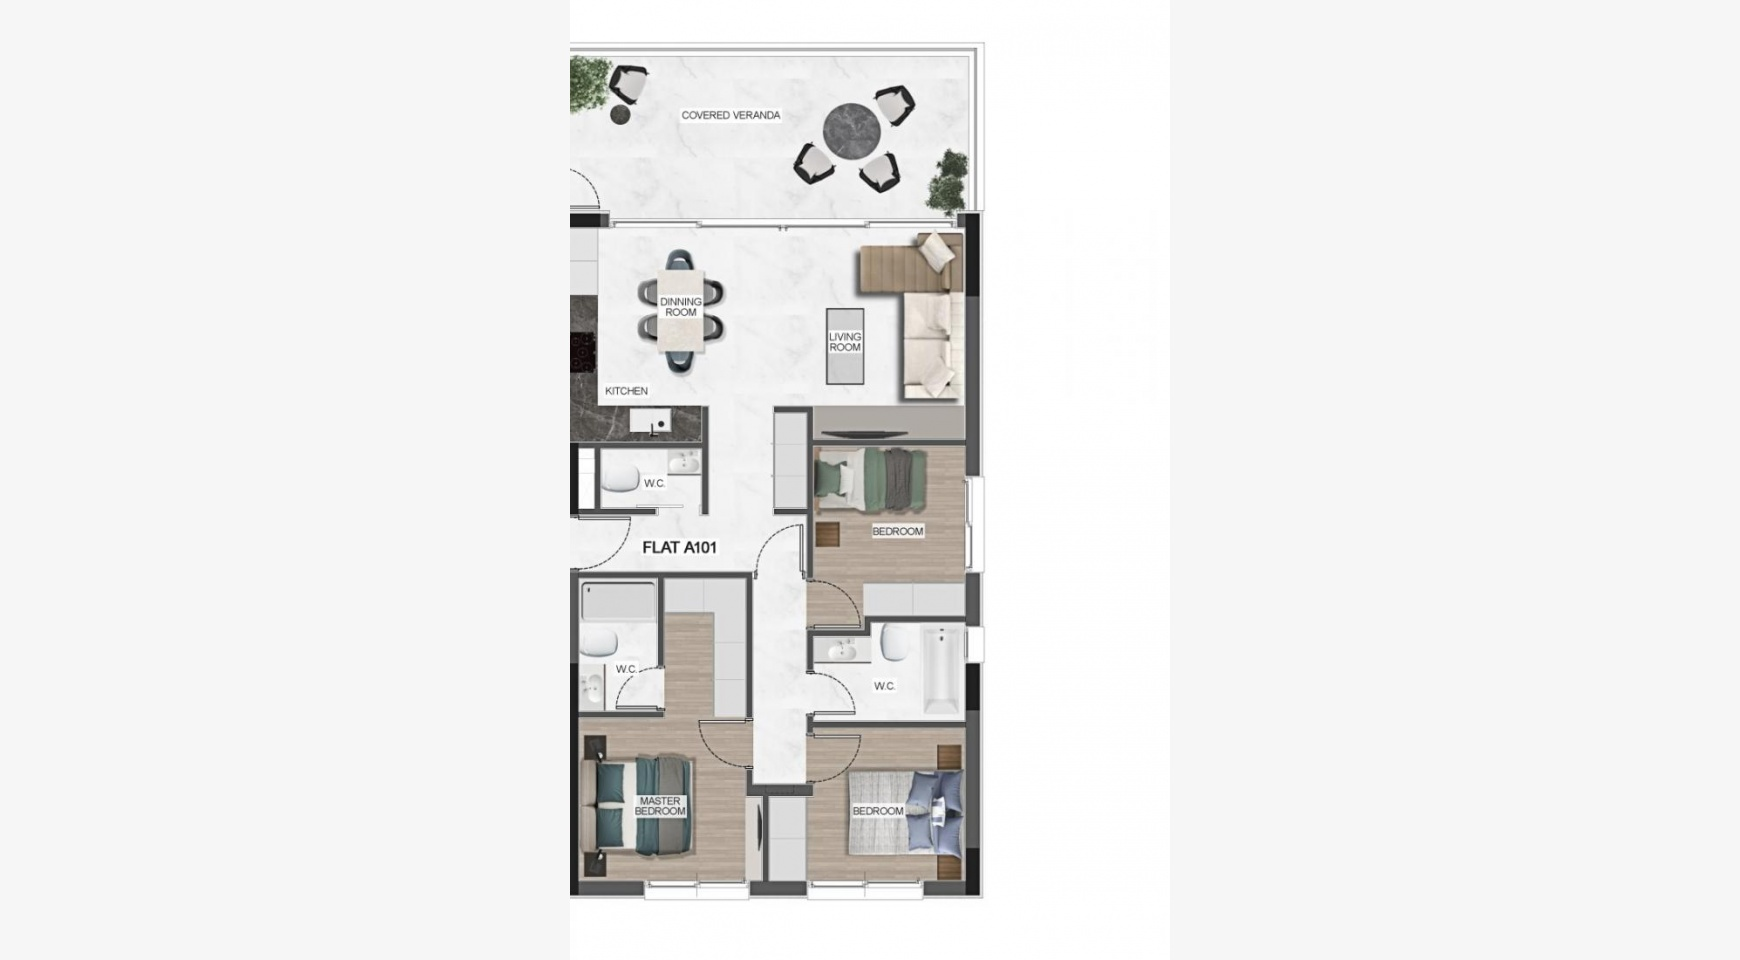 Urban City Residences, Кв. C 202. 2-Спальная Квартира в Новом Комплексе в Центре Города - 43